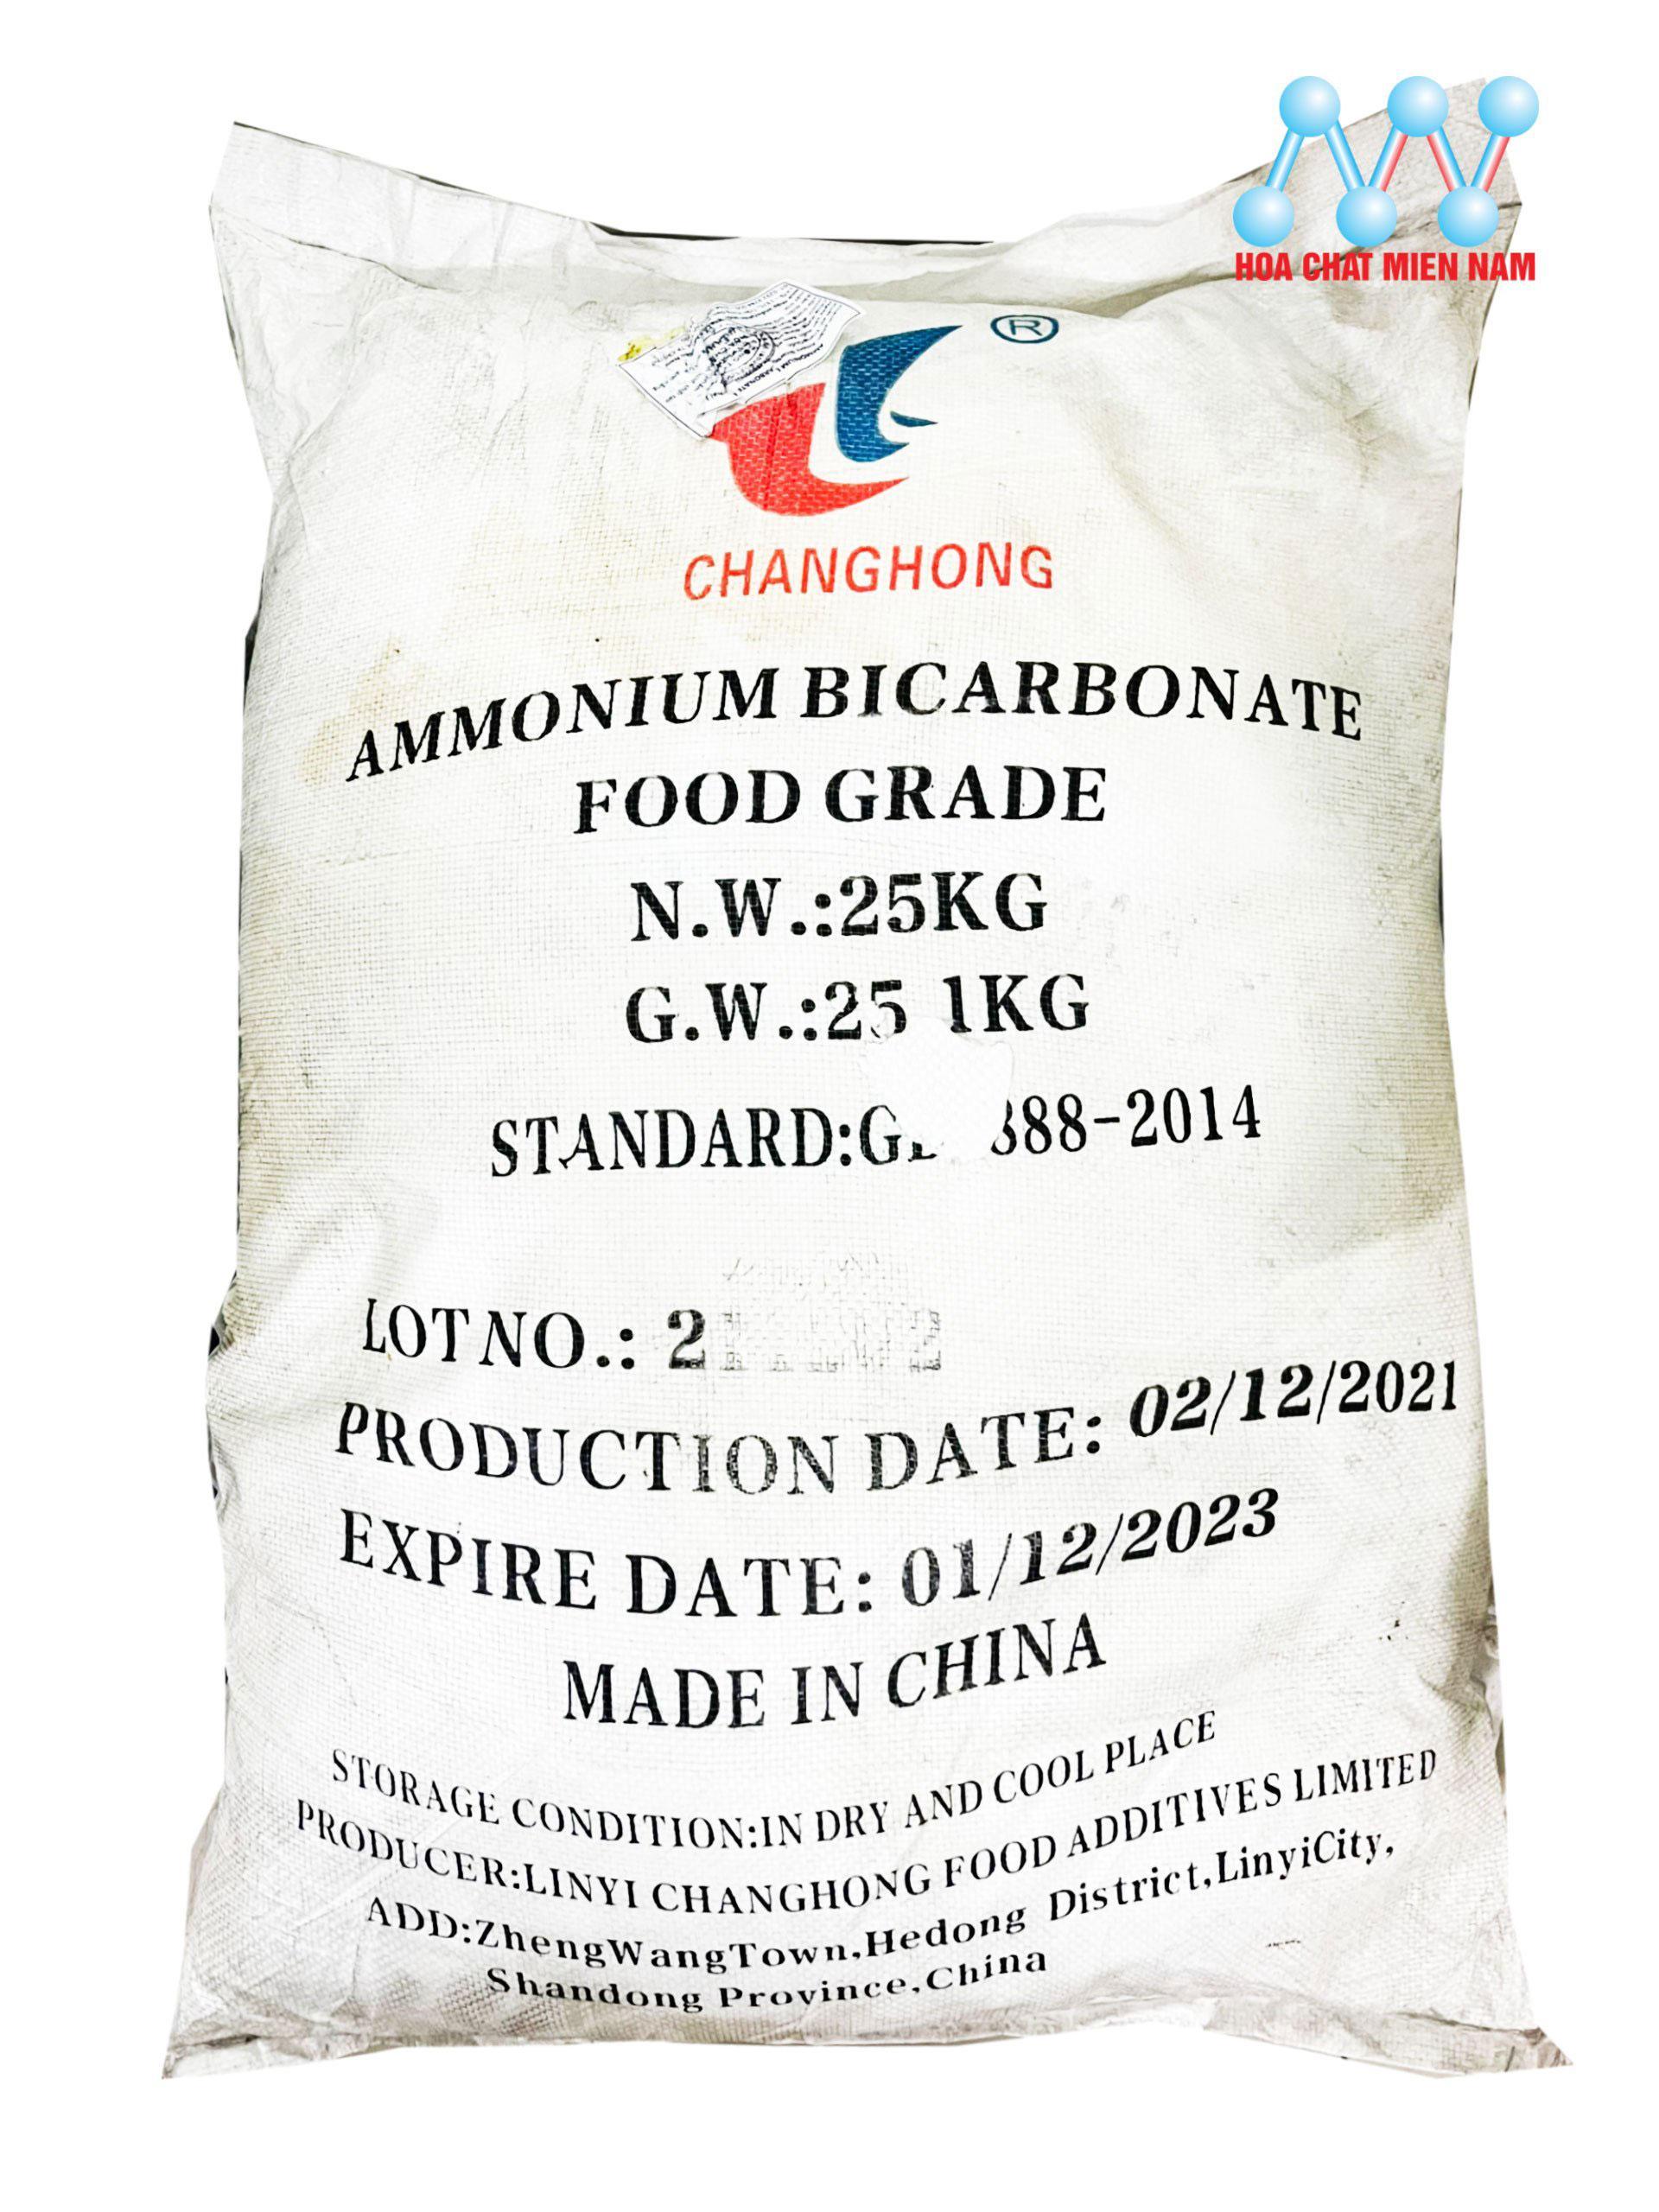 Ammonium Bicarbonate (NH4HCO3)